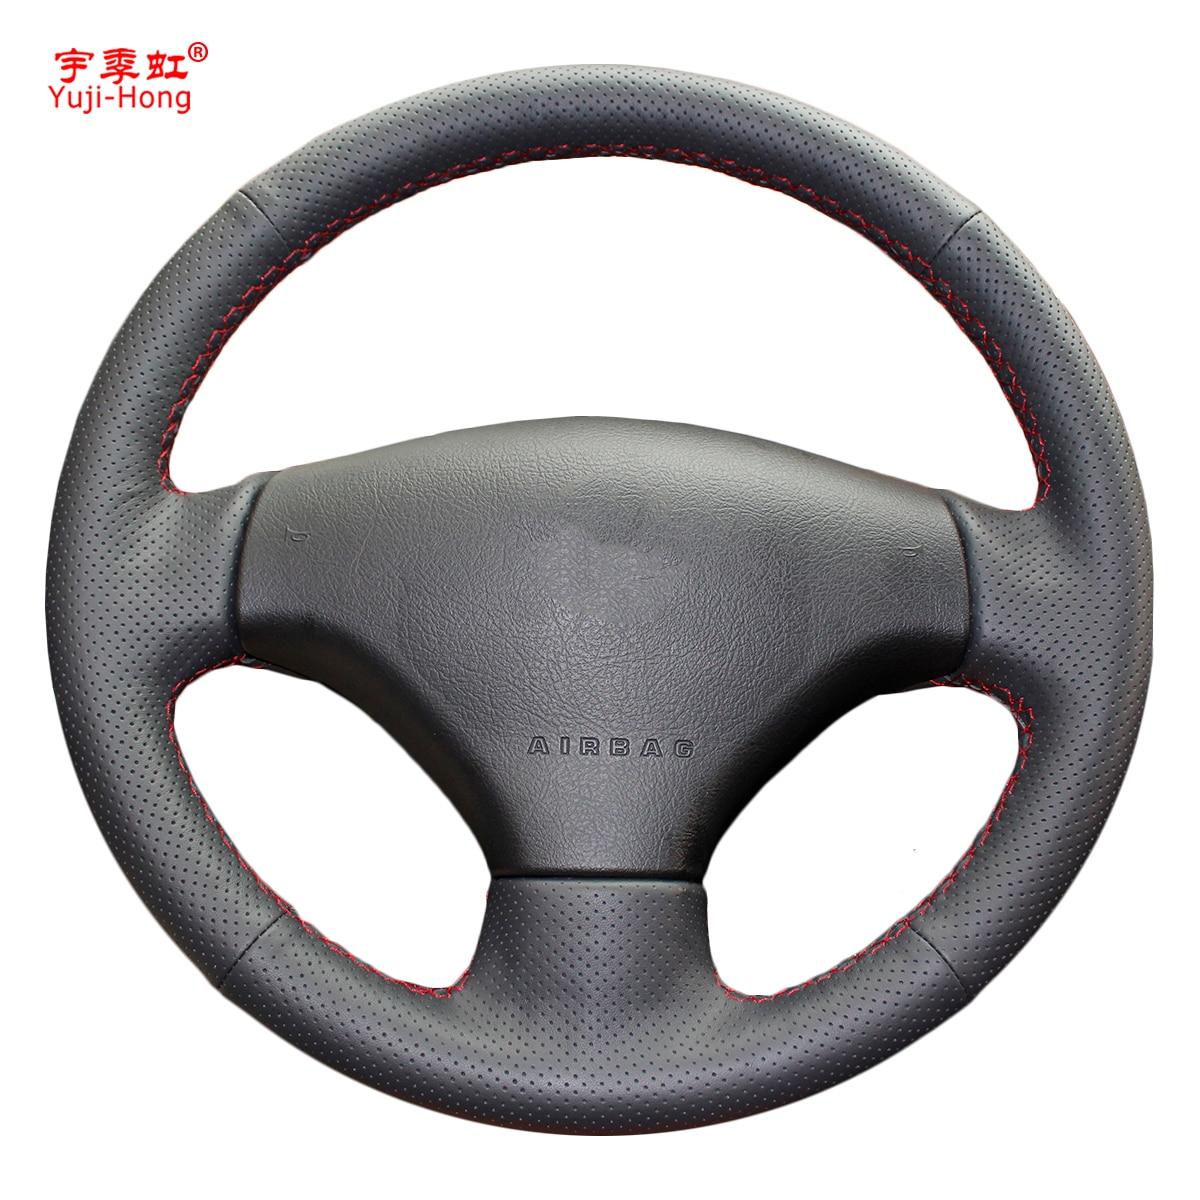 Чехол Yuji-Hong из искусственной кожи для автомобильного руля для Peugeot 206 207, сшитый вручную черный чехол для колеса